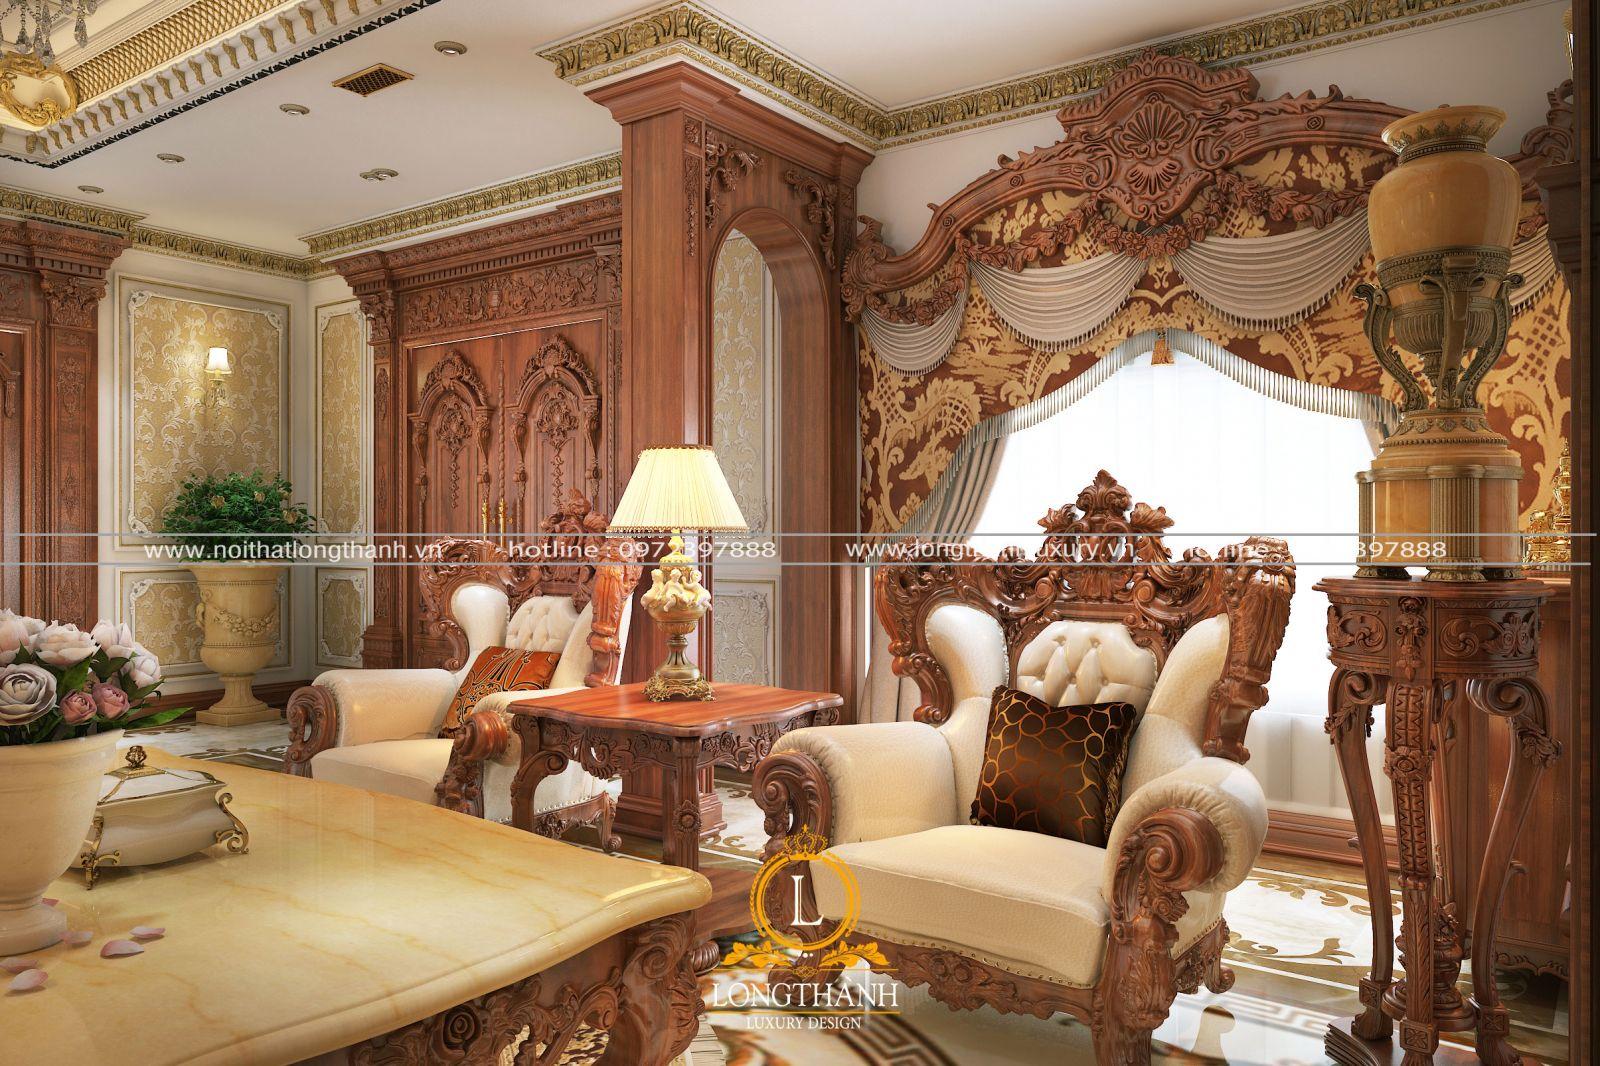 Sofa tân cổ điển gỗ tự nhiên bọc da bò cao cấp luôn là sự lựa chọn hoàn hảo